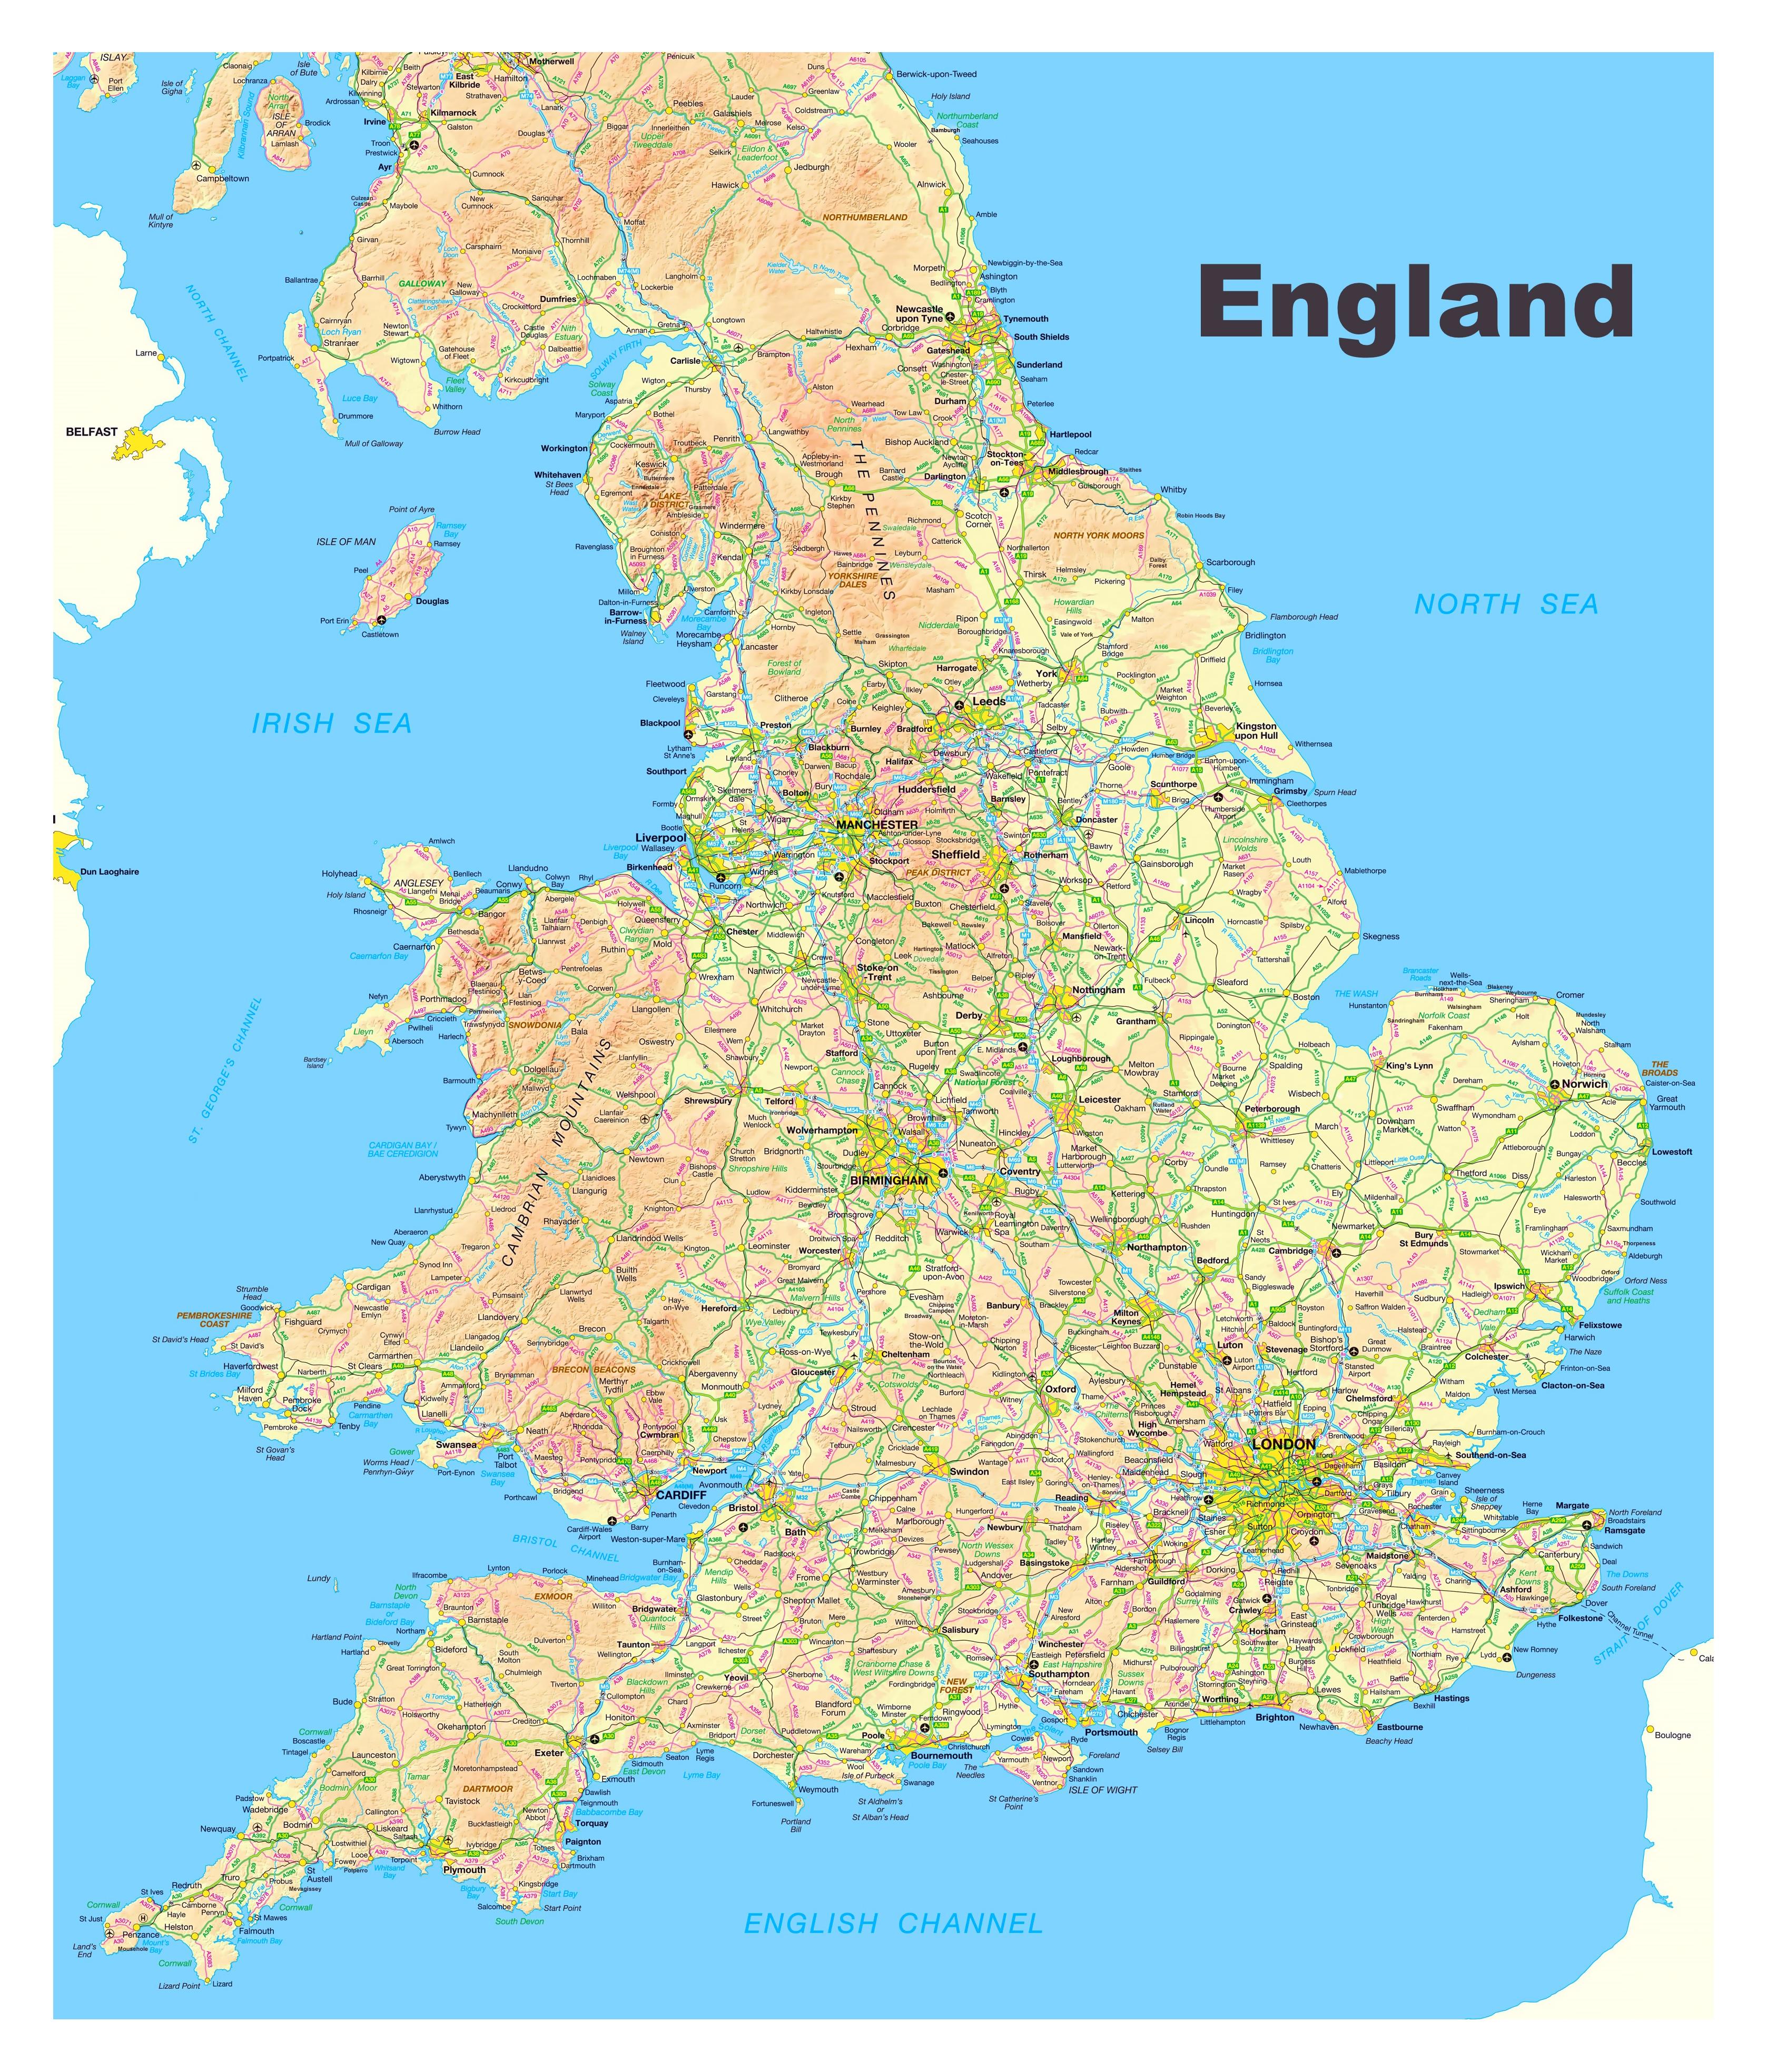 Ciudades De Inglaterra Mapa.Grande Mapa De Inglaterra Con Carreteras Ciudades Y Otras